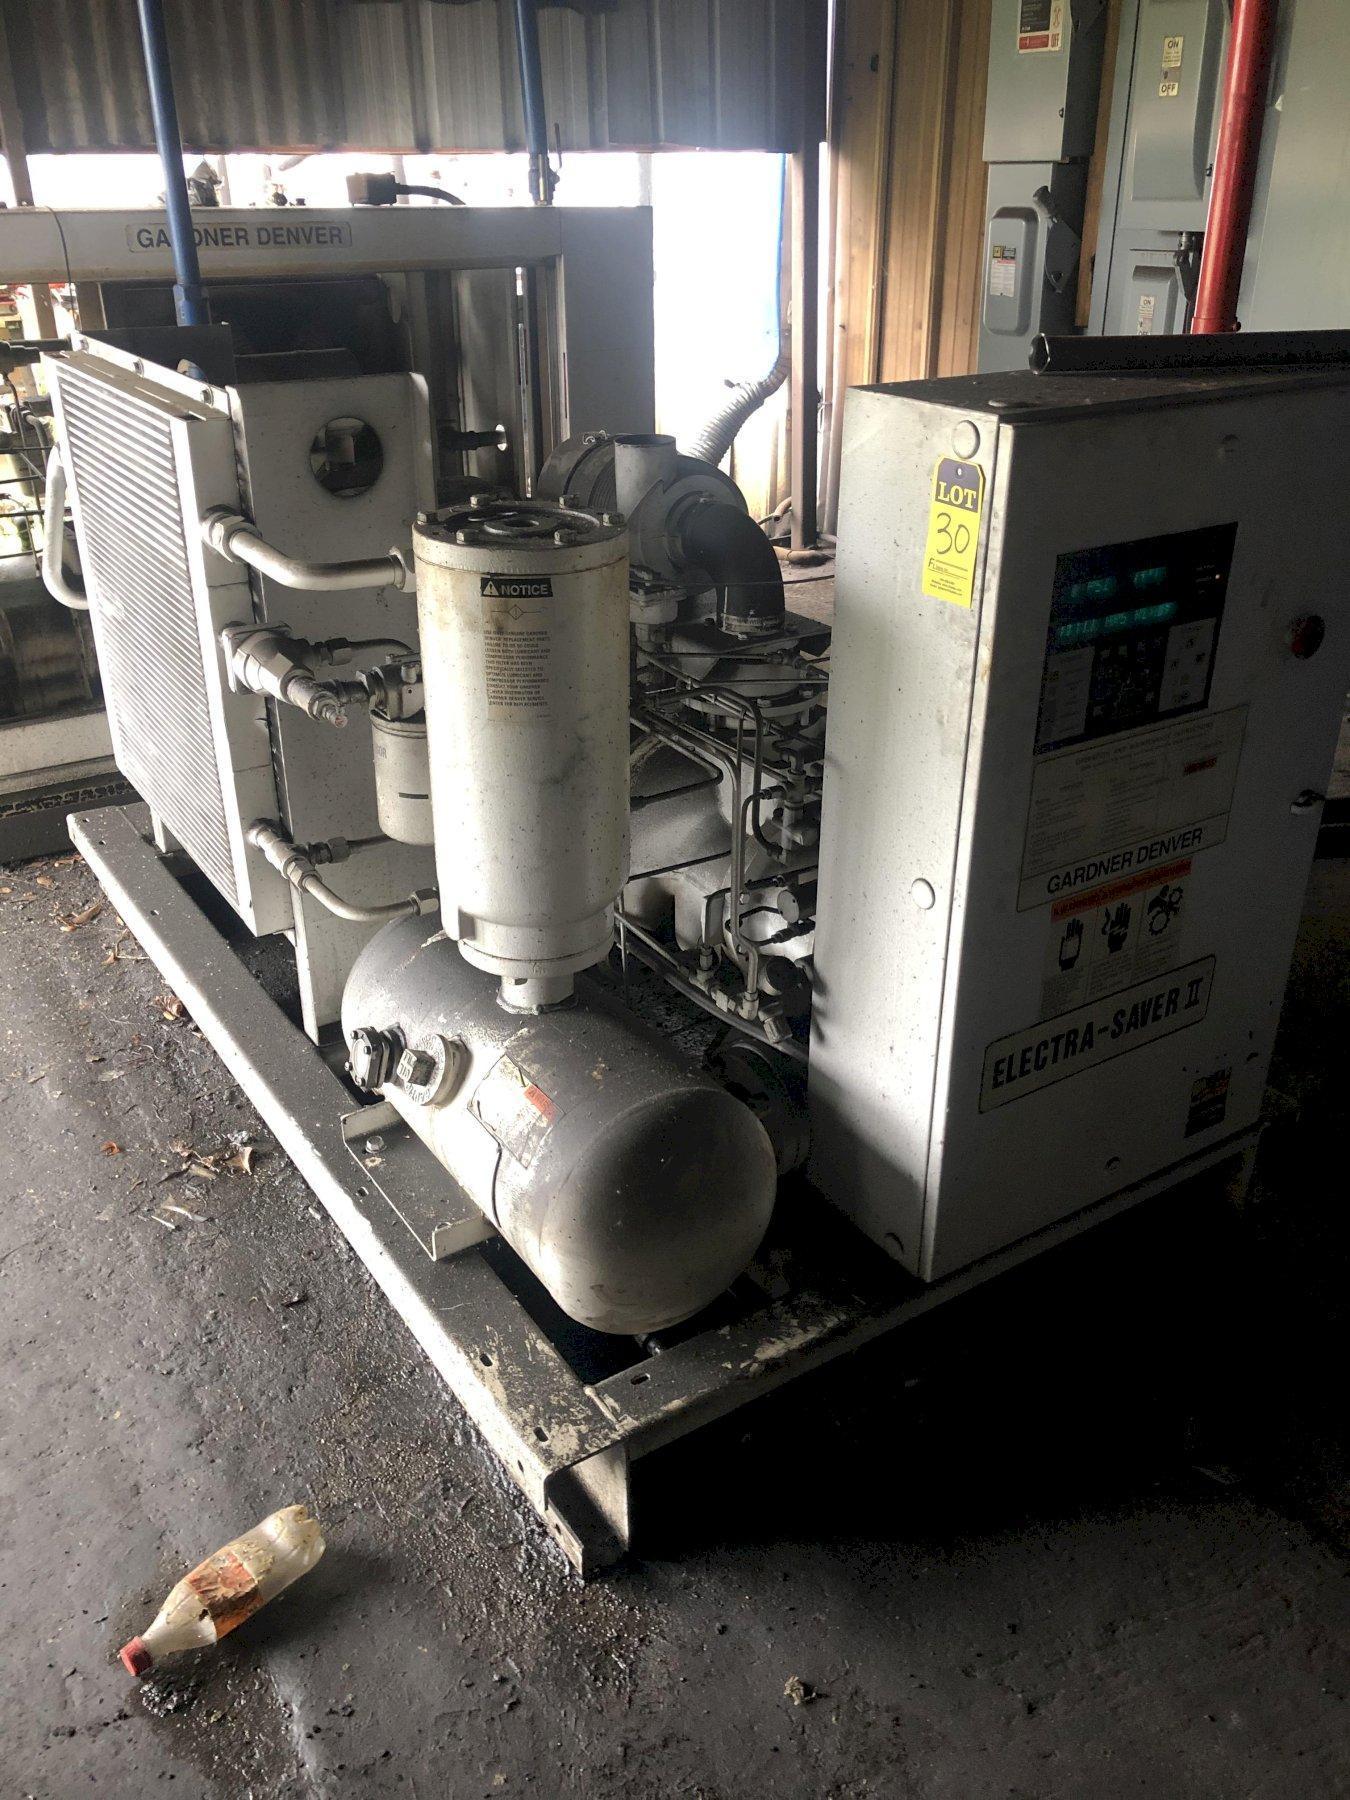 2005 GARDNER DENVER MODEL EBH99G02 ELECTRASAVER II 150HP AIR COOLED AIR COMPRESSOR S/N S212123